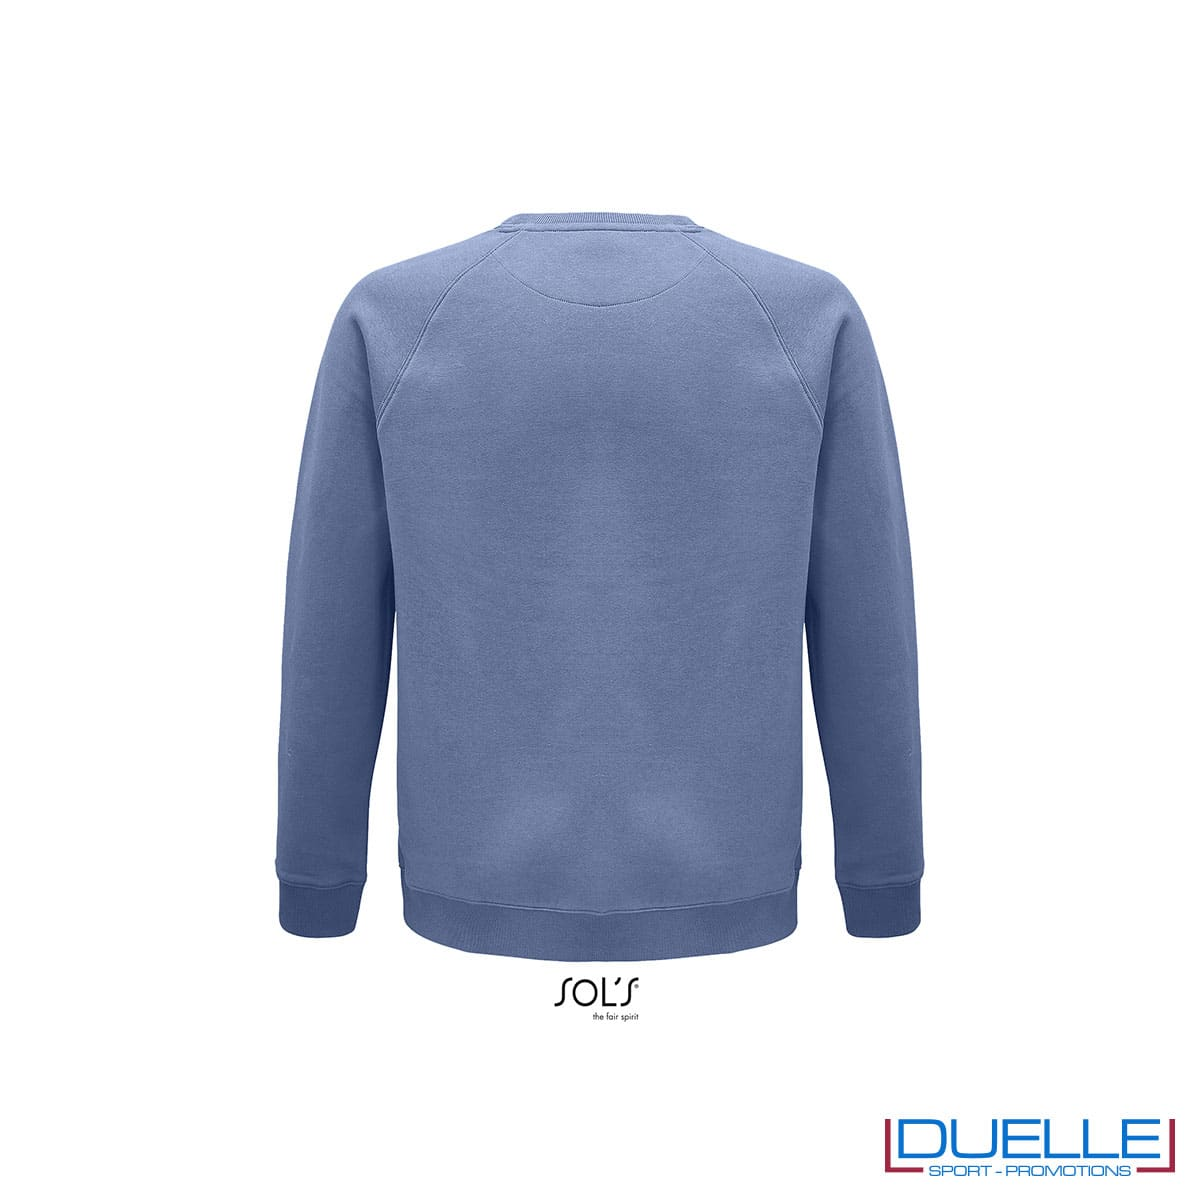 Retro felpa girocollo in cotone biologico colore blu personalizzata